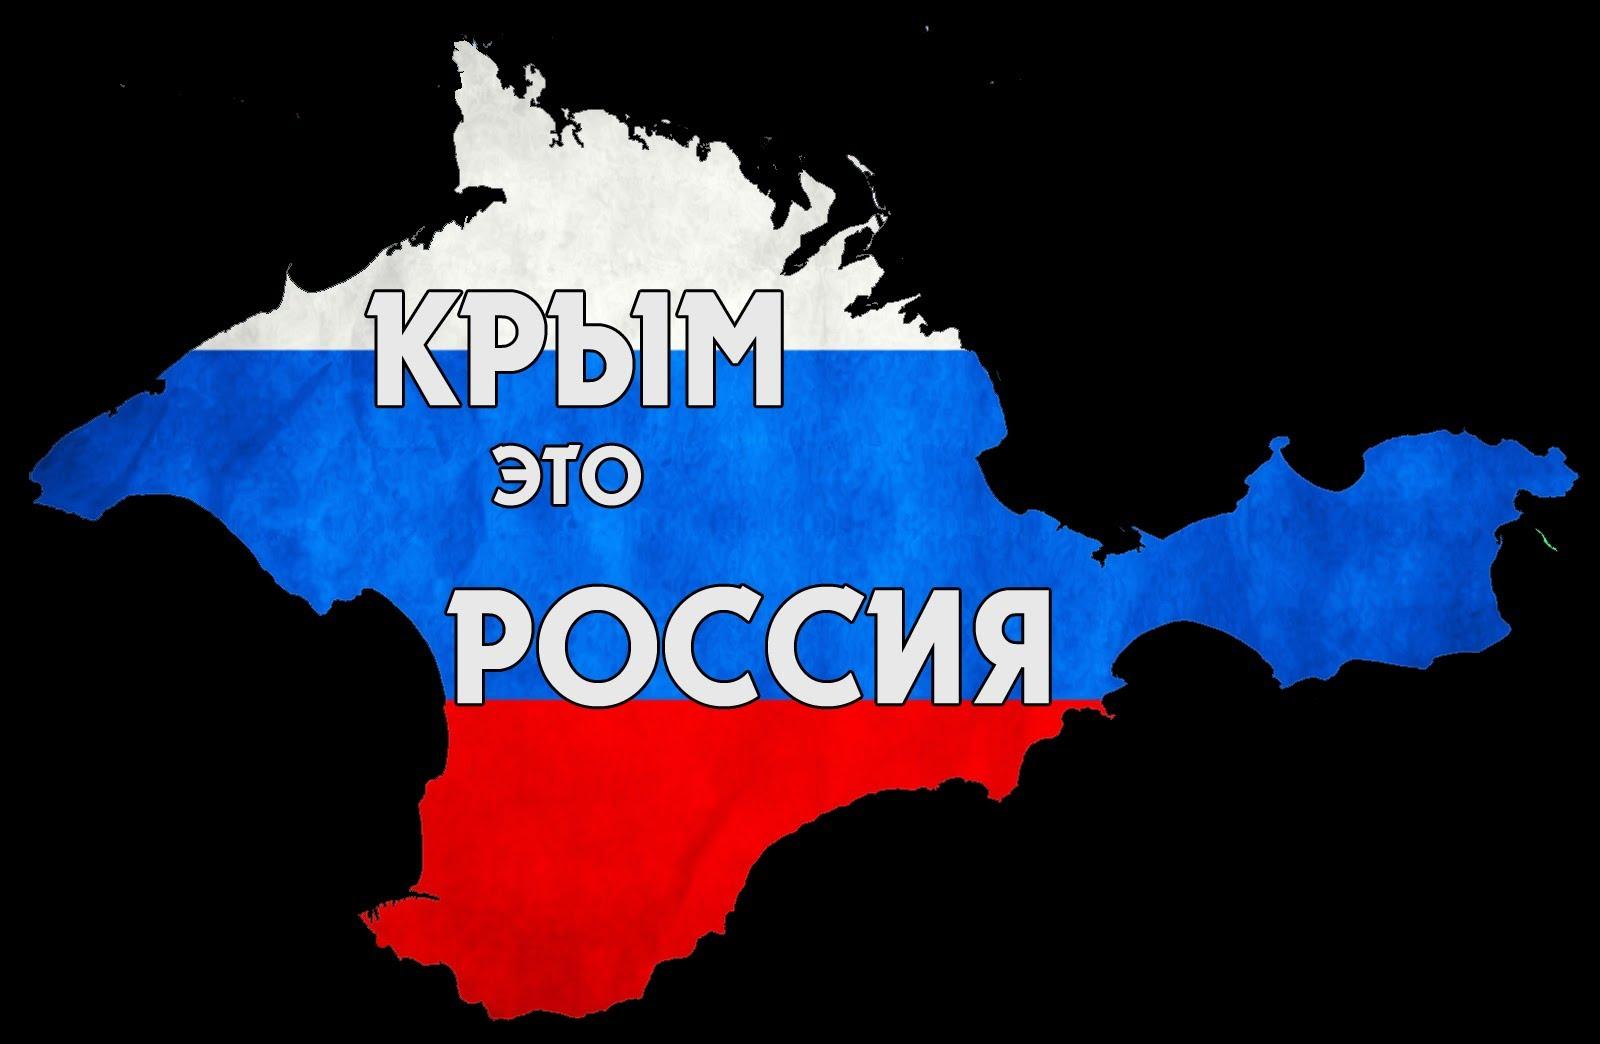 Годовщину, картинки про крым и россию мы вместе